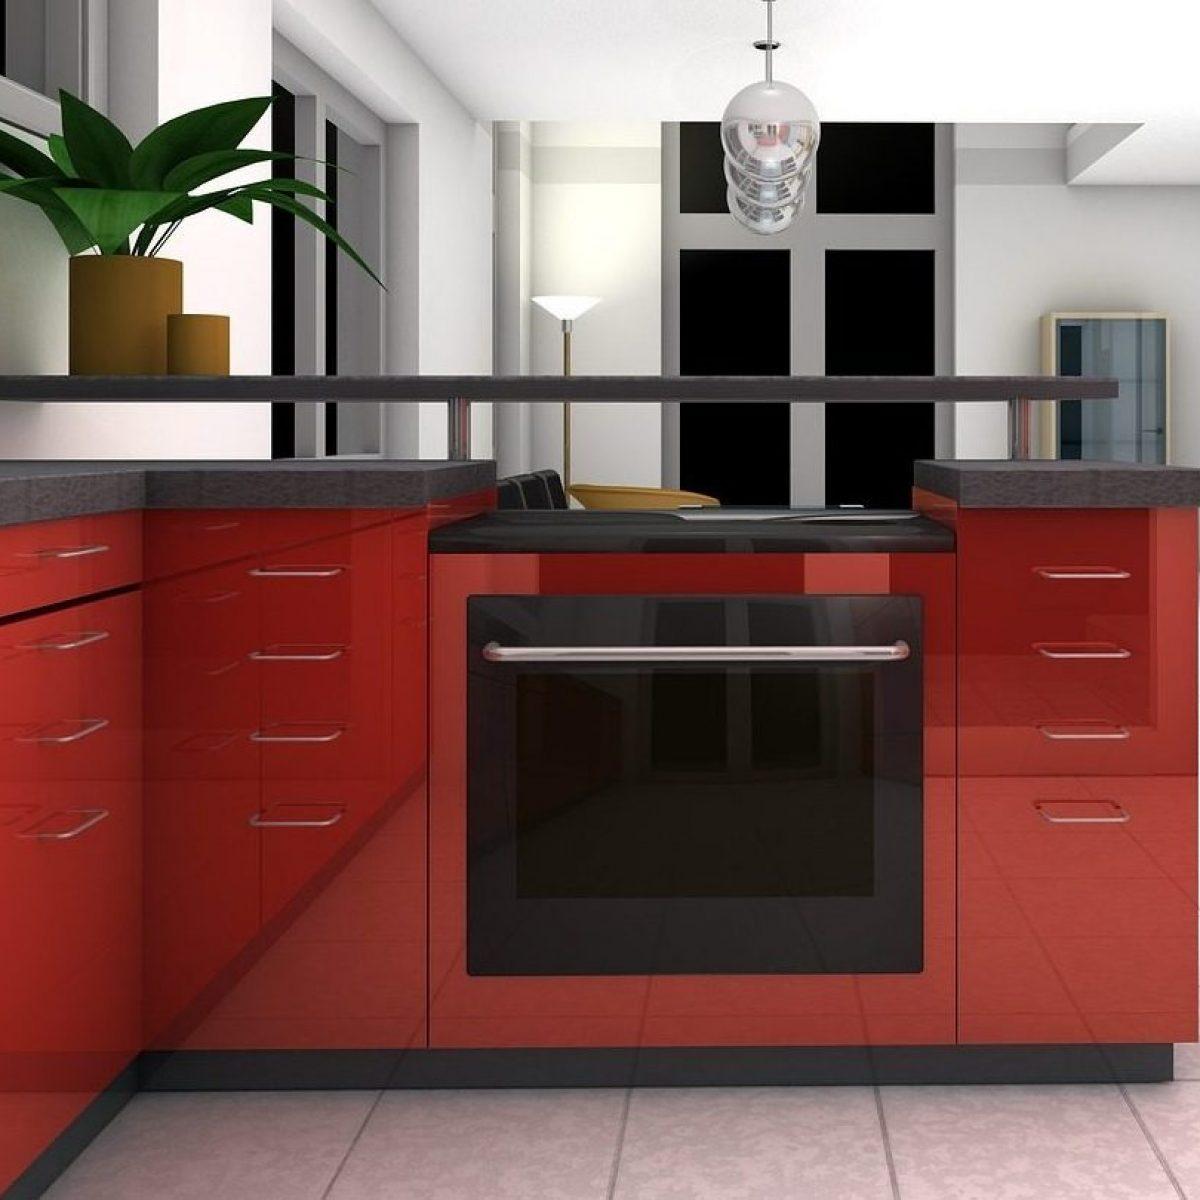 Classifica Cucine Qualità Prezzo i migliori forni da incasso: classifica e guida all'acquisto